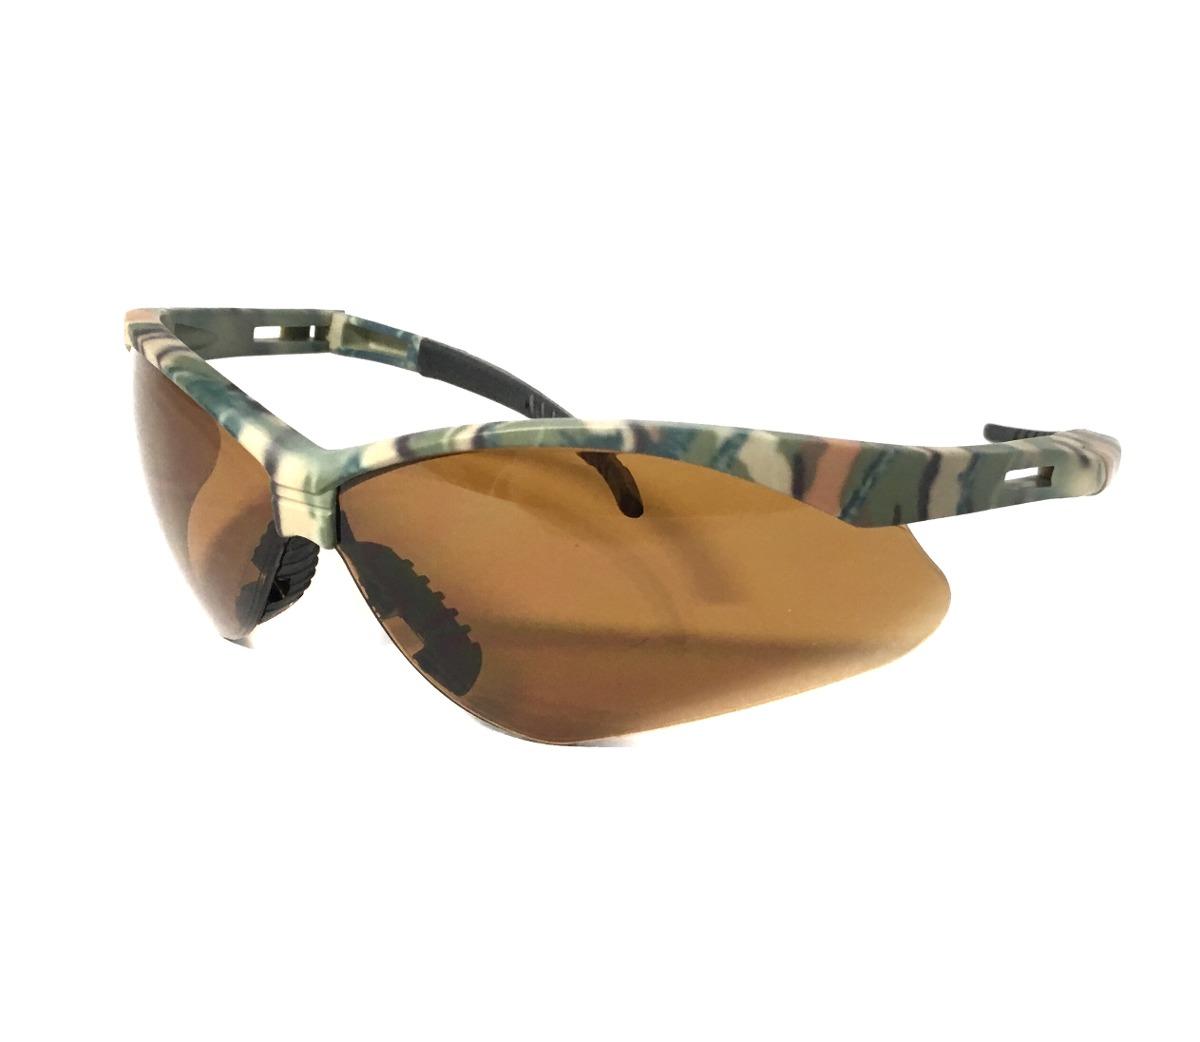 Oculos Militar Camuflado Lentes Marrom C.a 15967 - R  47,99 em ... 0c75f0c447